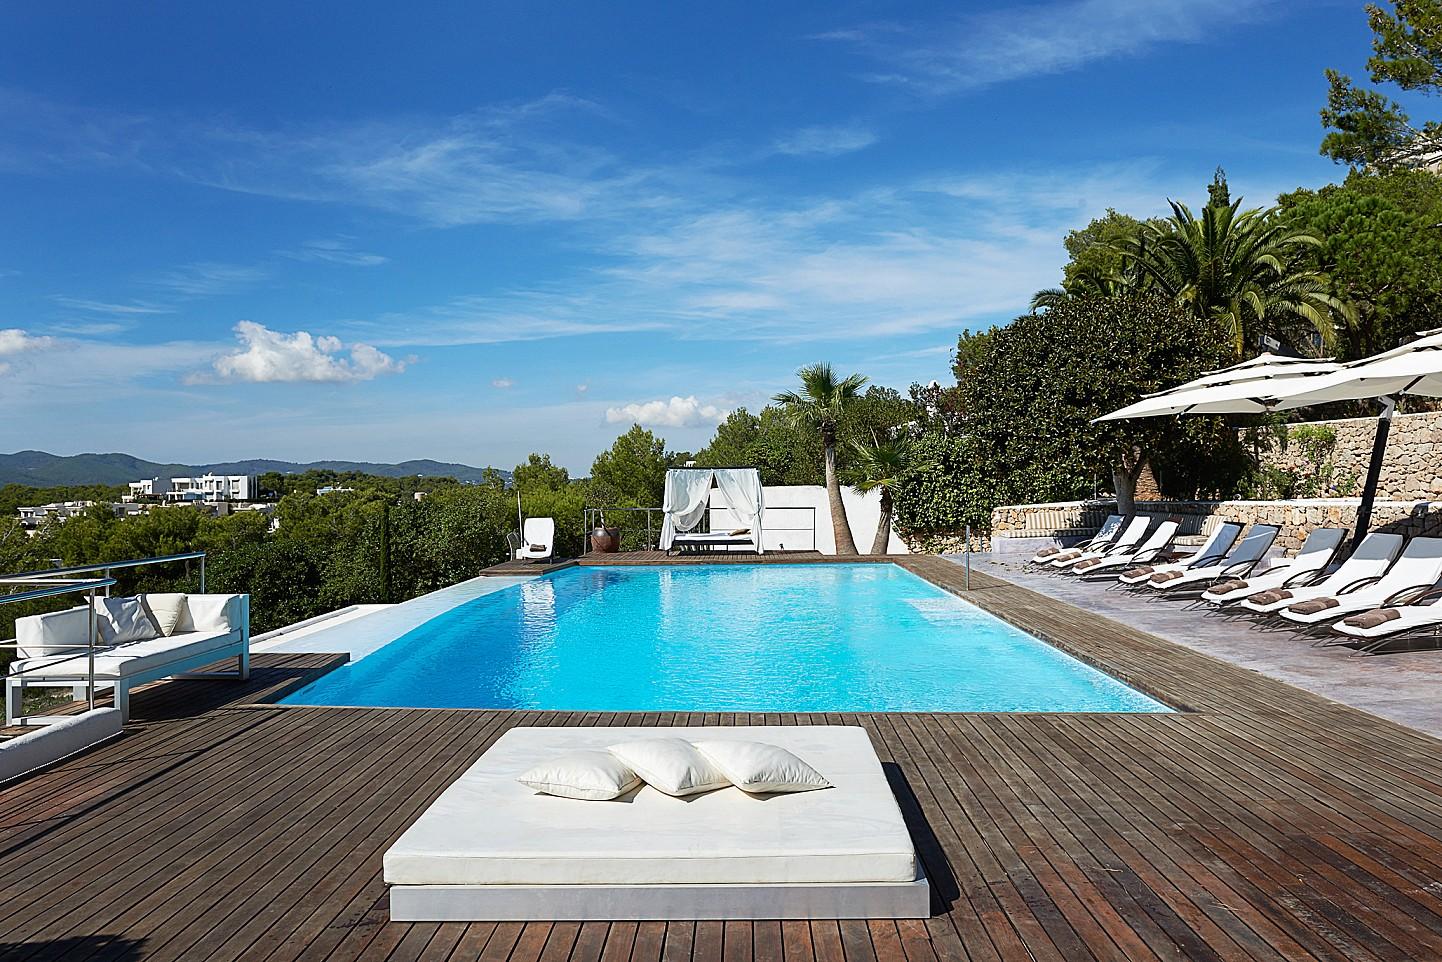 Esplèndida piscina rodejada d'hamaques